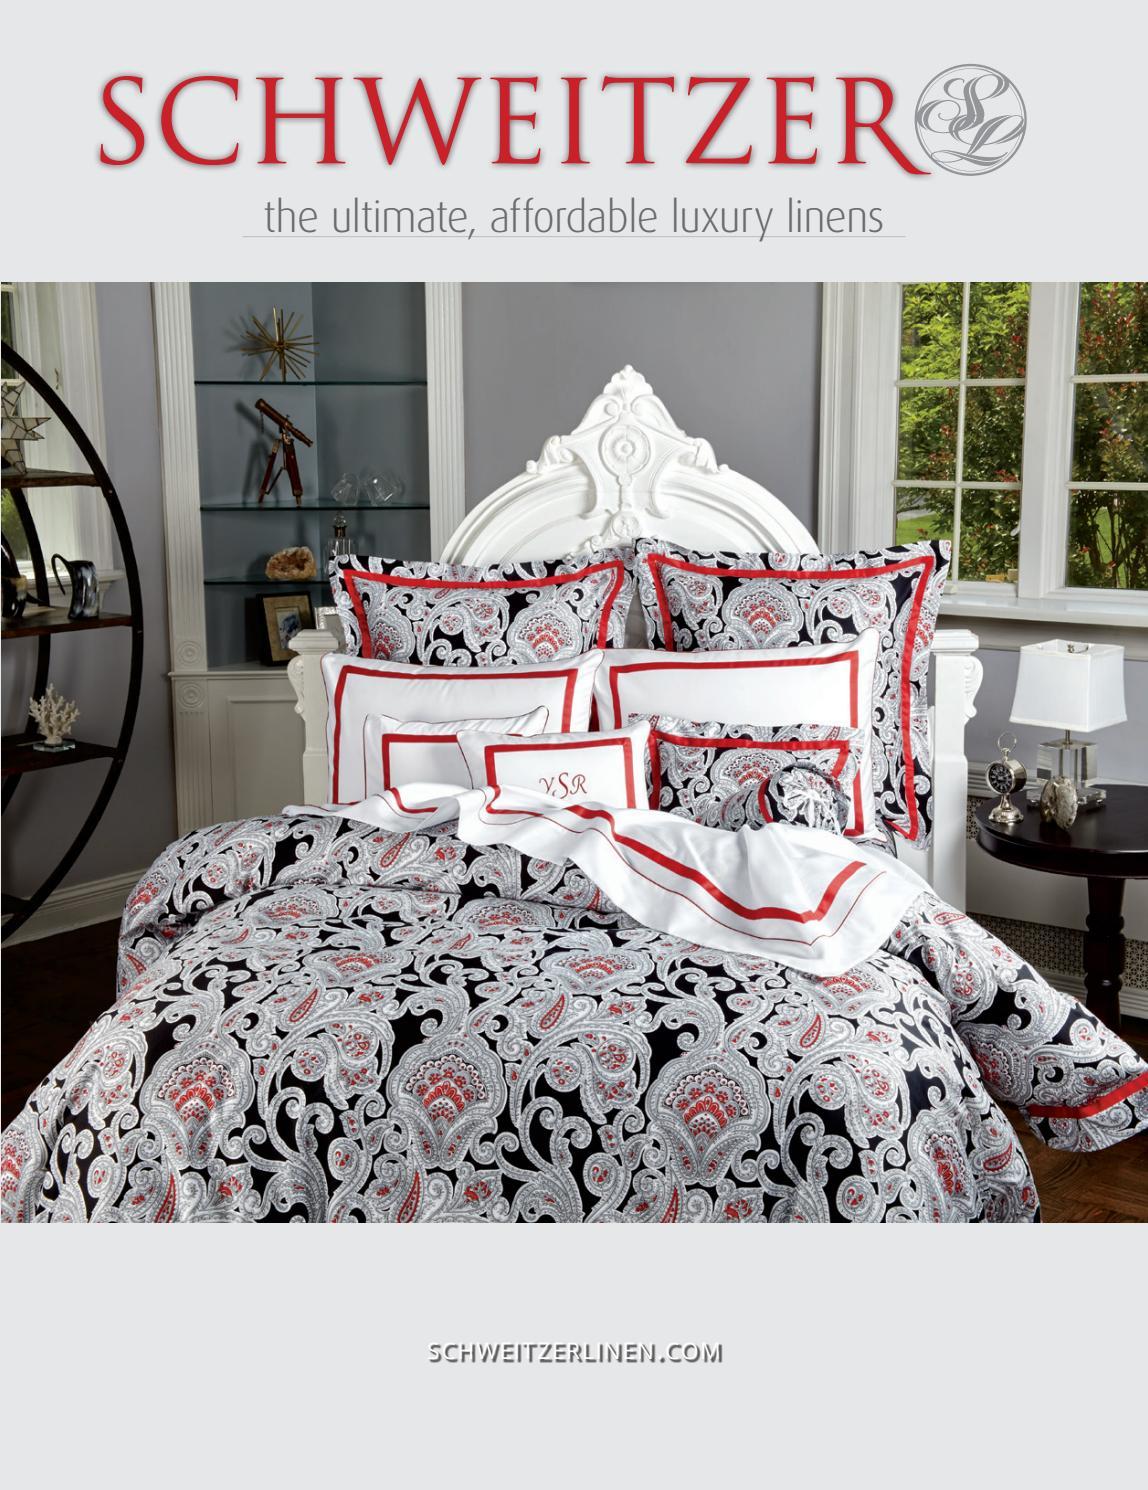 1 Duvet cover /& 2 Pillowcases 100/% Egyptian Cotton 600 TC solid Supreme Quality Queen Duvet Set Charcoal LA LINEN AFFAIRS 3-Piece Duvet Set